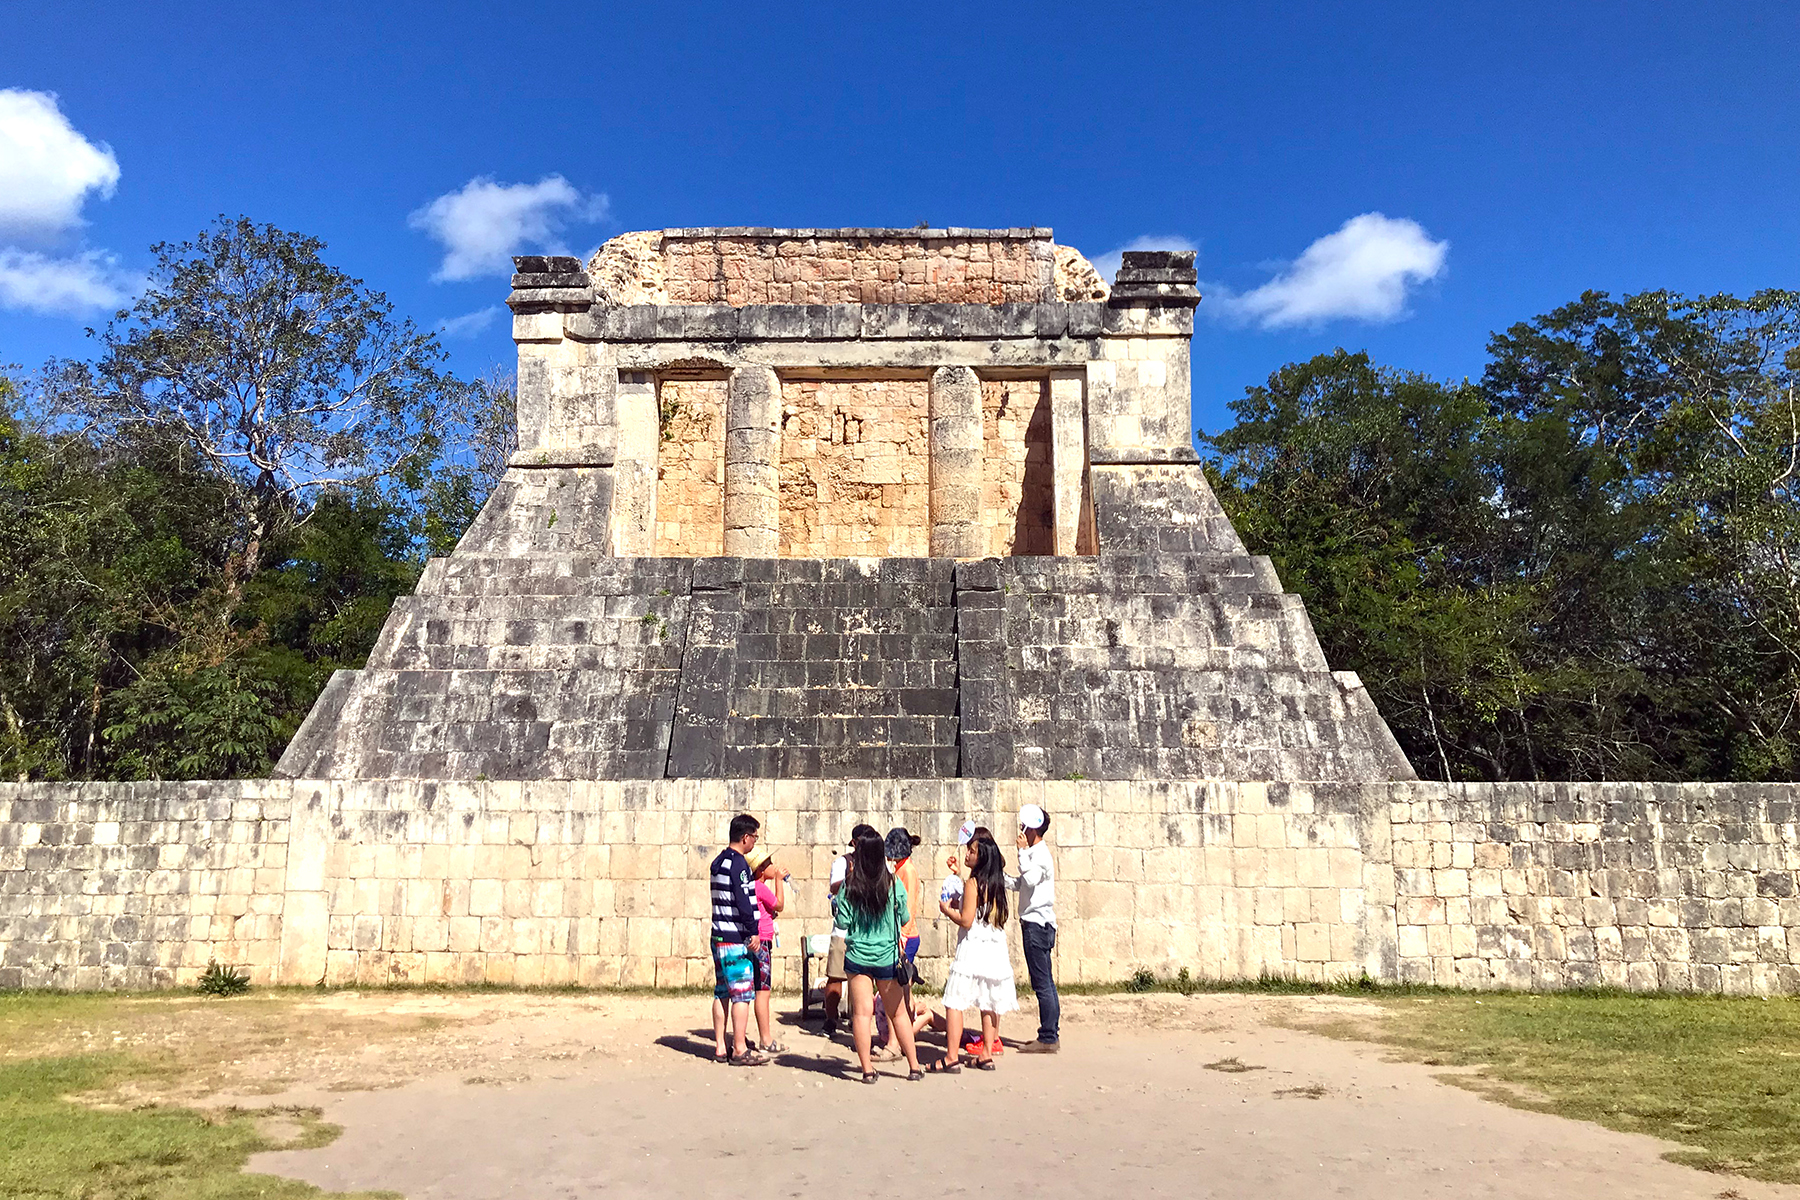 Chichén Itzá in Mexiko: 10 Tipps, wie man die berühmten Maya-Ruinen am besten besucht